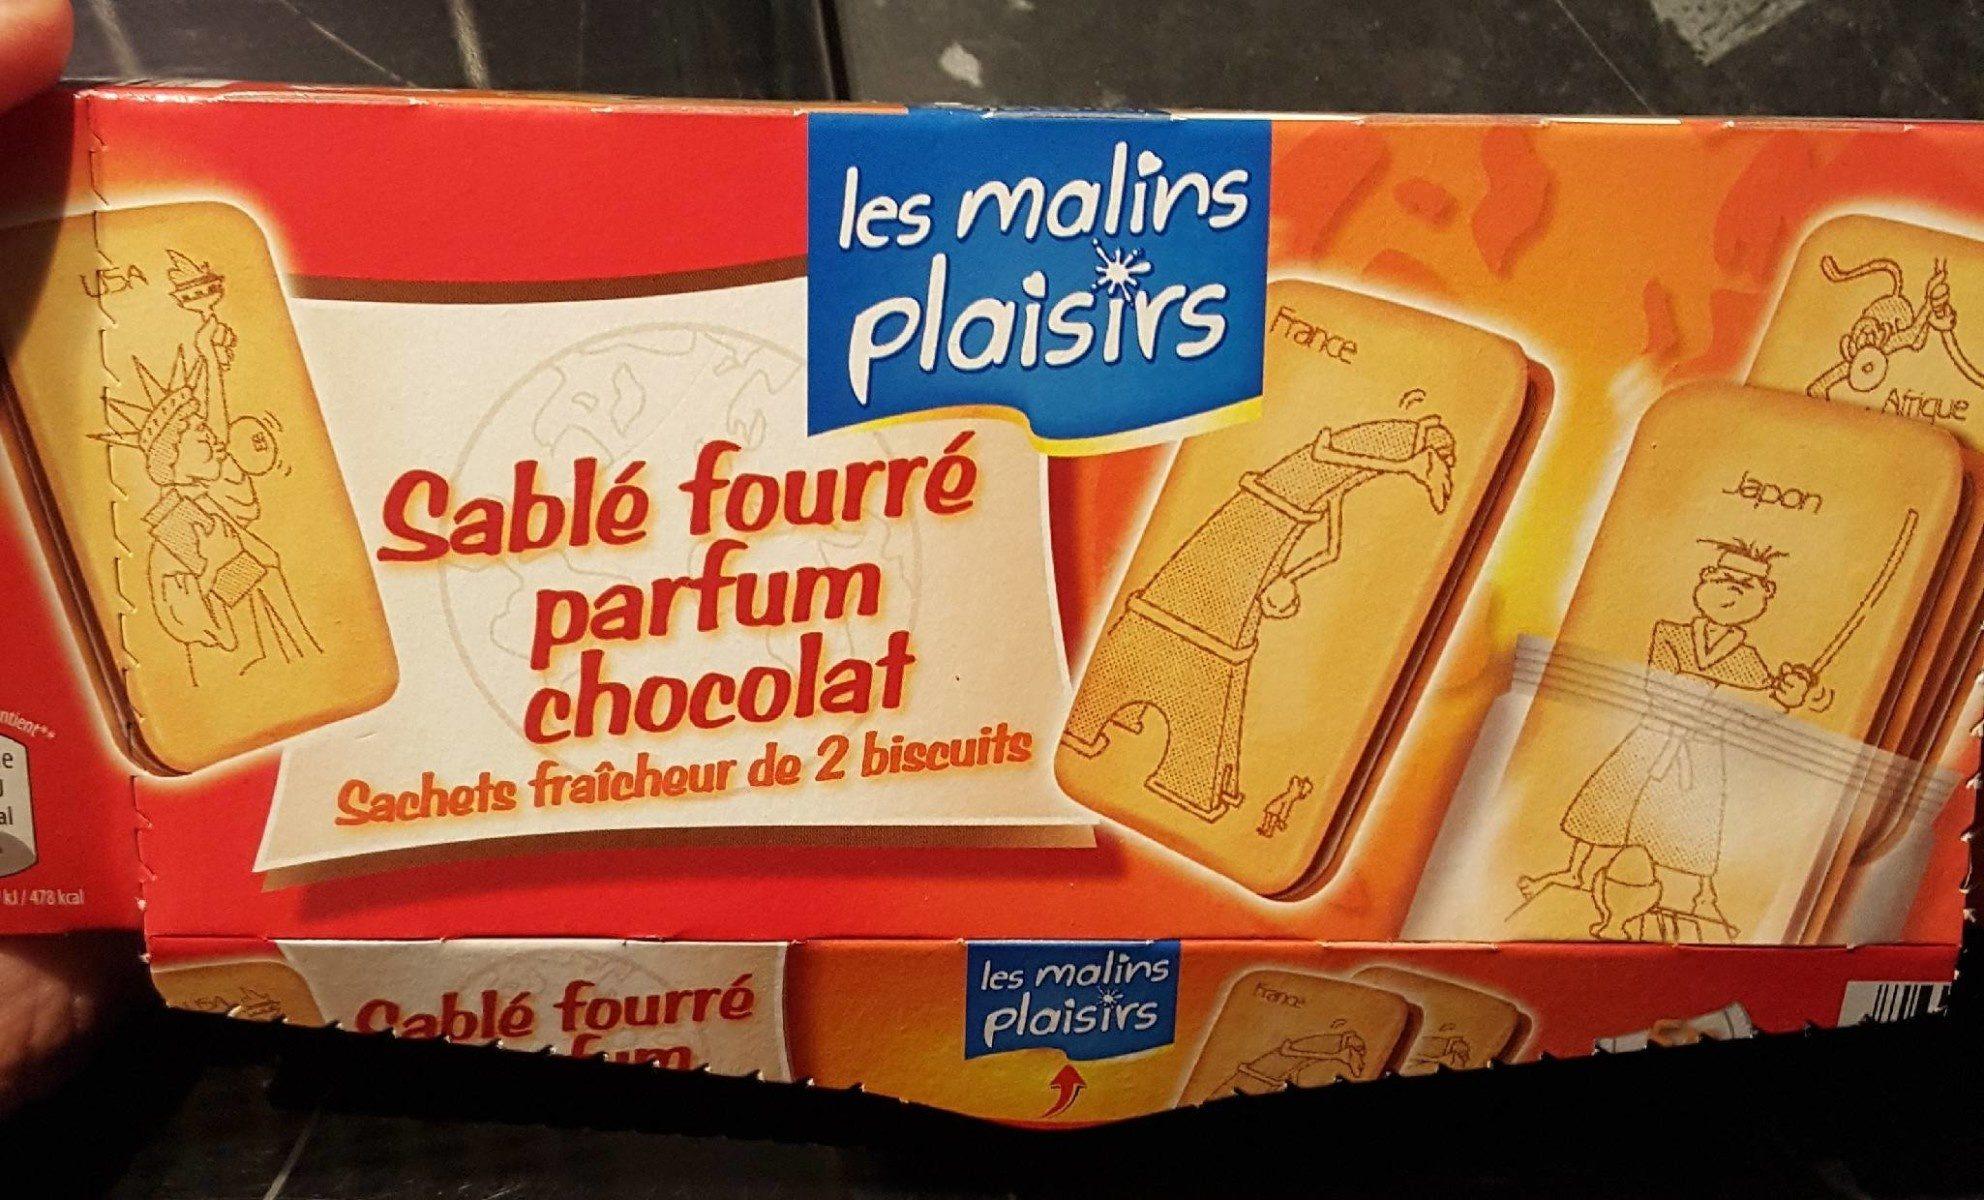 Sablé fourré chocolat - Produit - fr